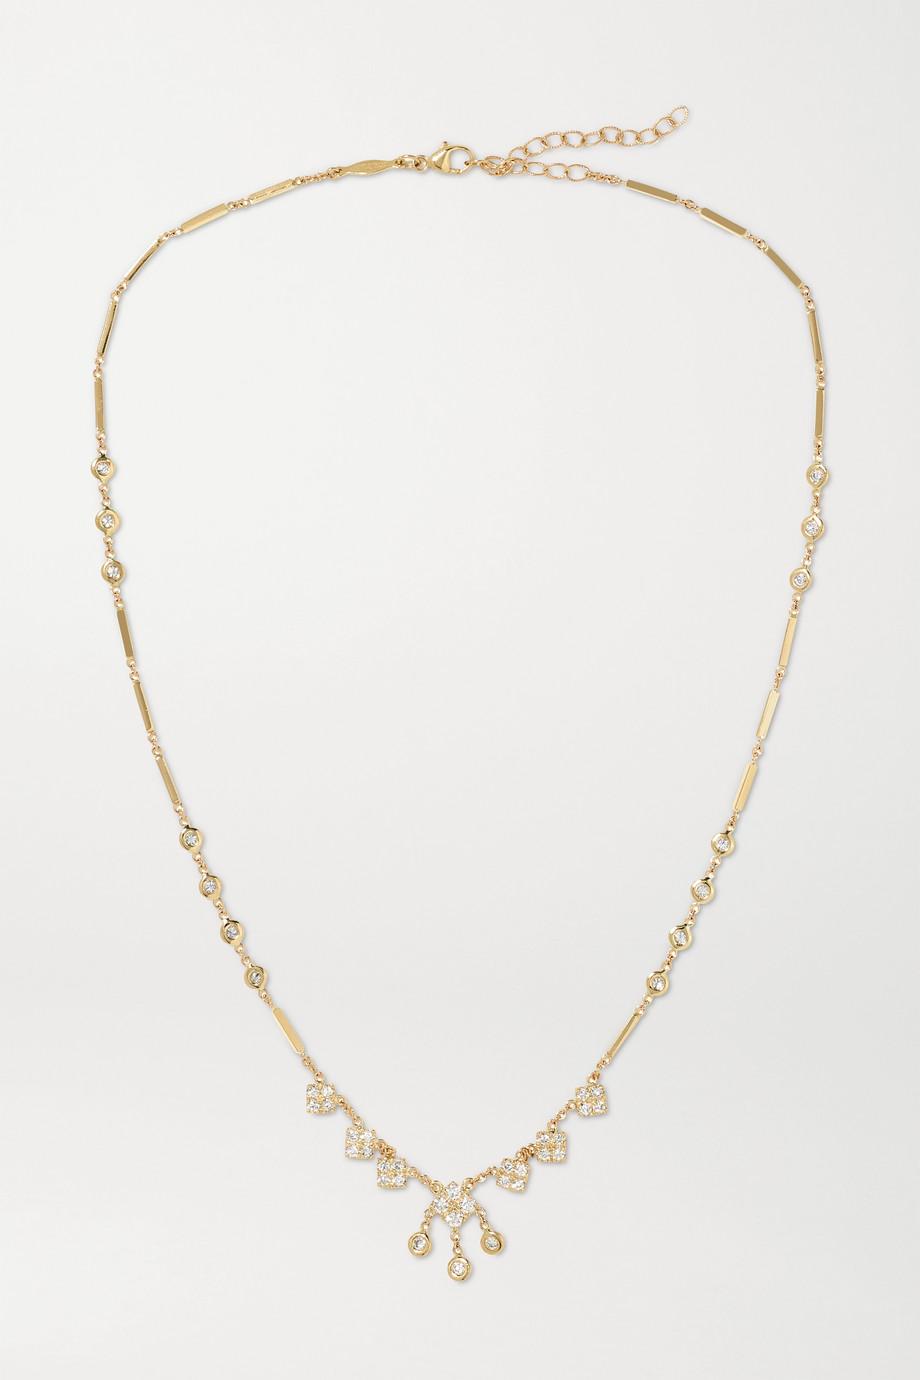 Jacquie Aiche Shaker Kette aus 14 Karat Gold mit Diamanten